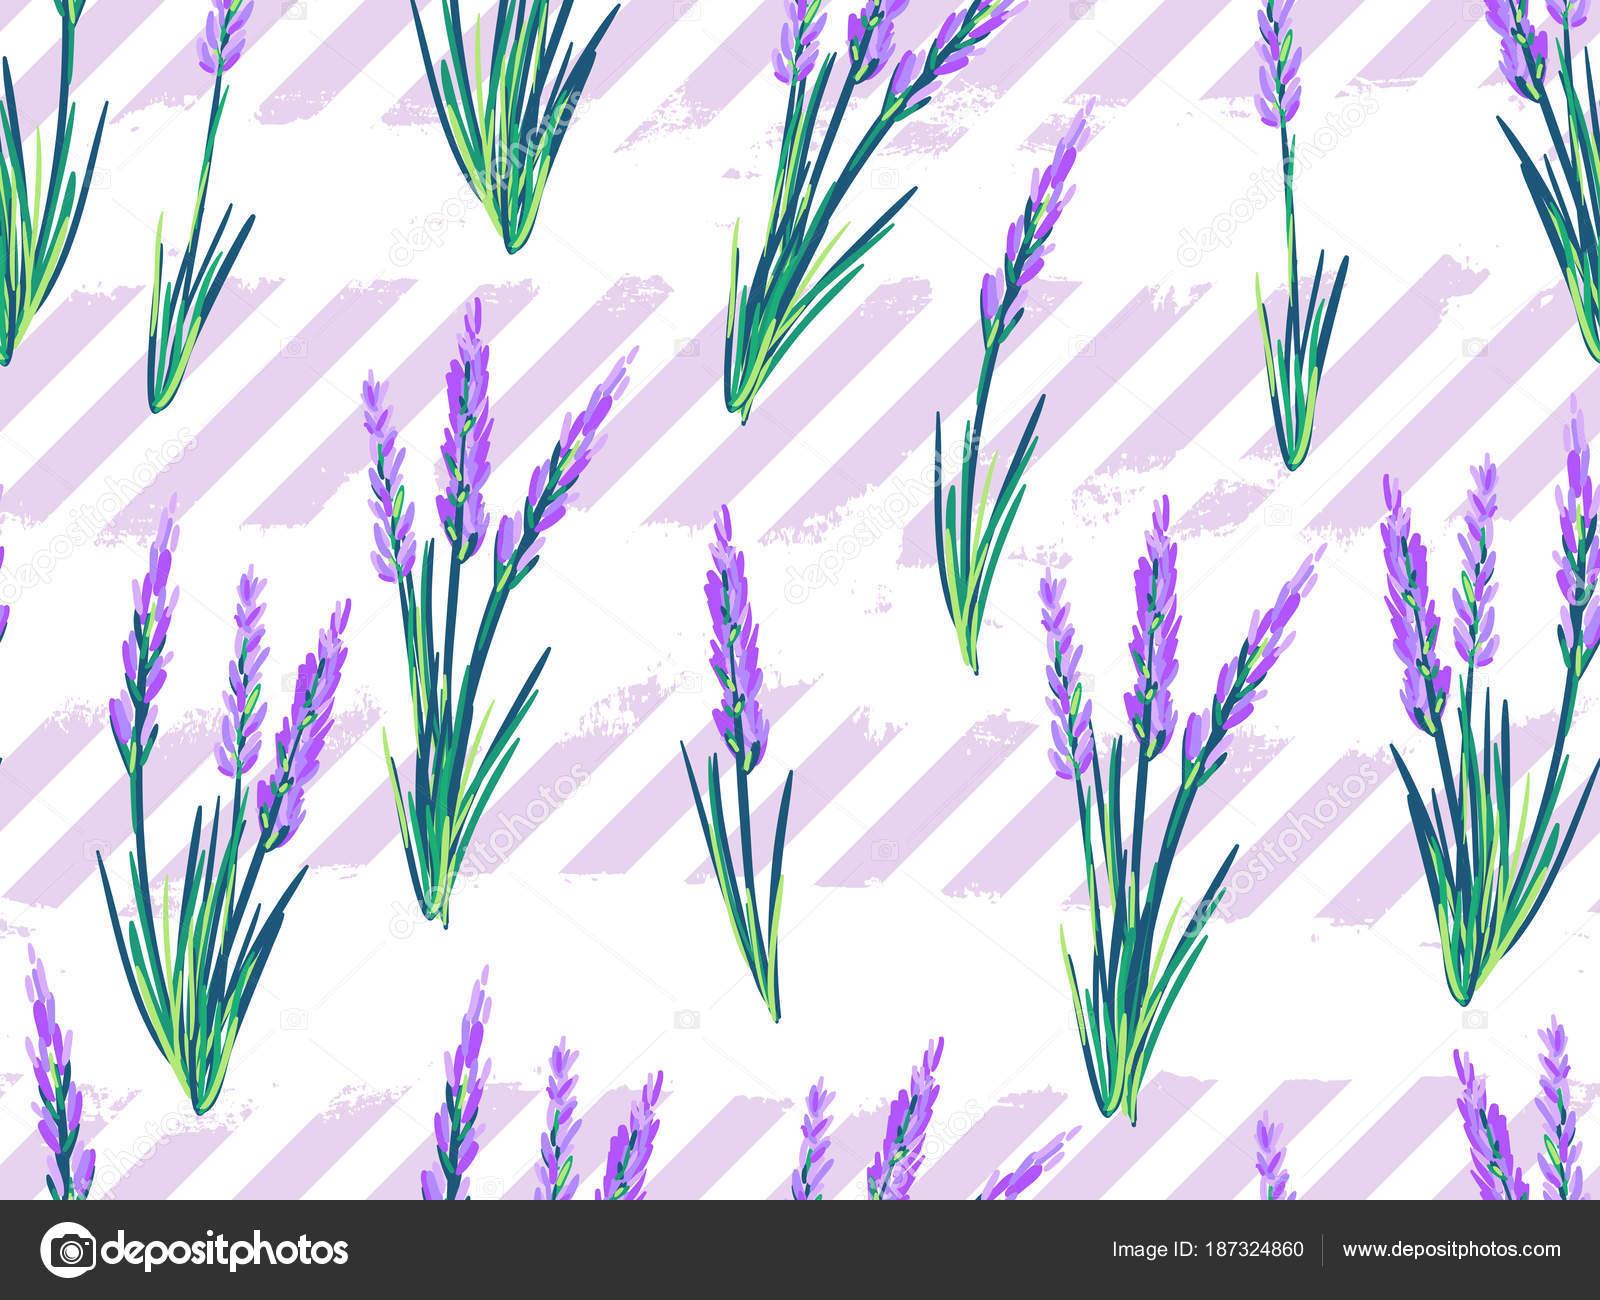 Flores Vectoriales Con Fondo Transparente: Patrón Transparente Con Fondo De Vector De Flores De